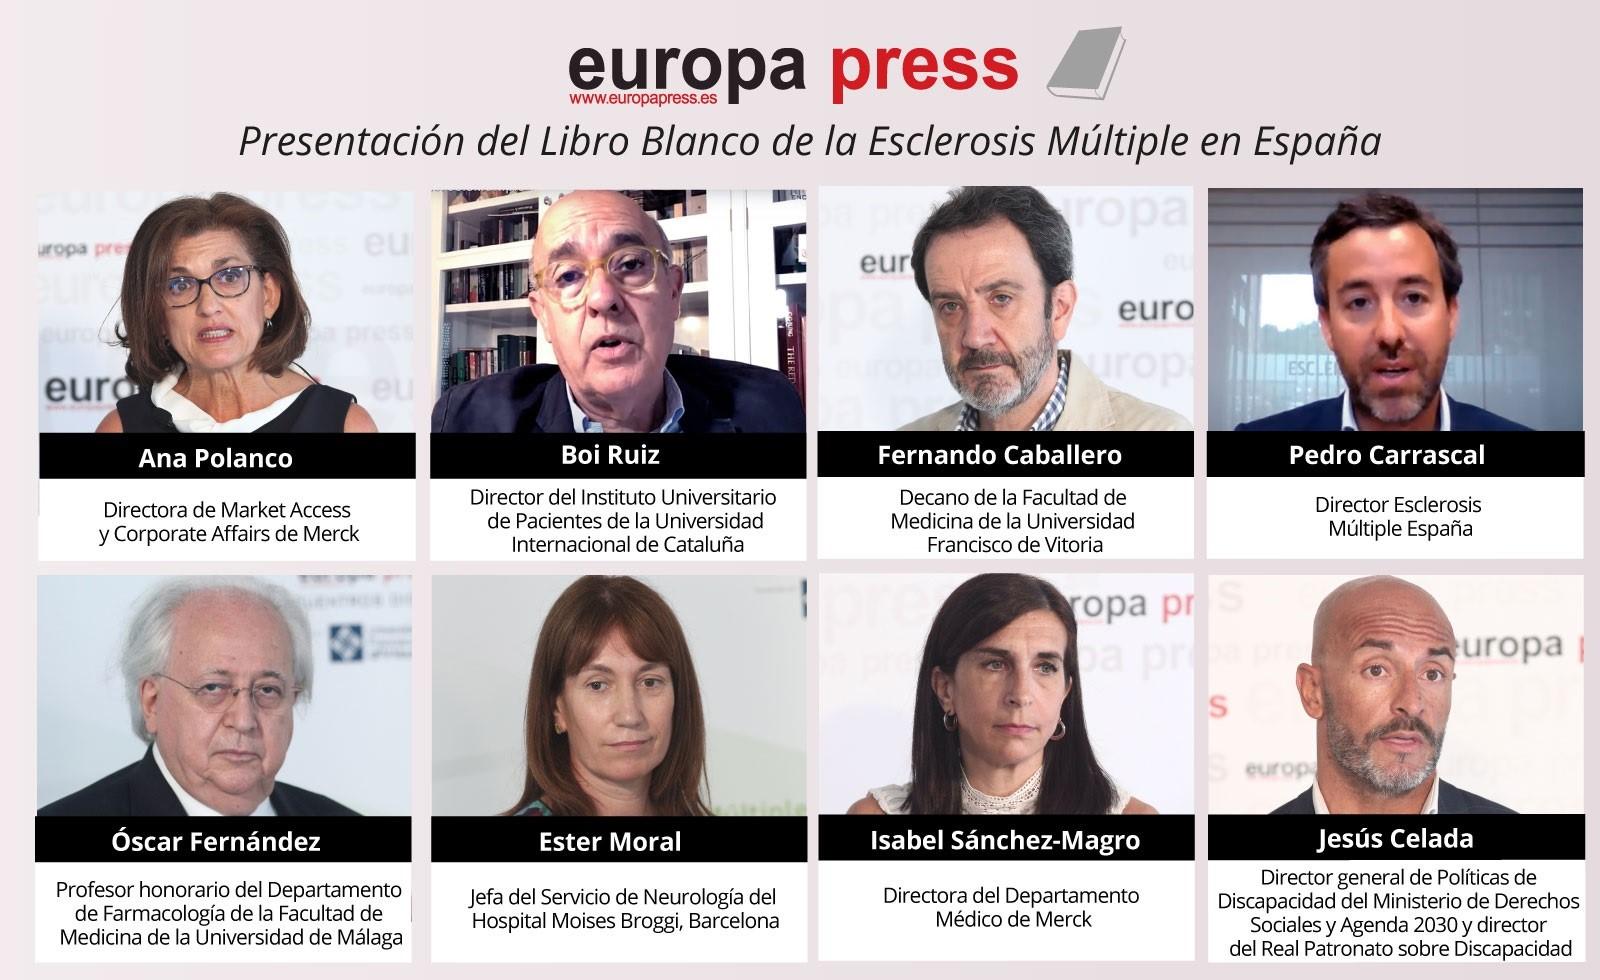 Participantes del Encuentro Digital de Europa Press con la presentación del Libro Blanco de la Esclerosis Múltiple en España Estudio aprEMde aproximación Psicosocial a las personas con EM, en Madrid (España), a 15 de julio de 2020.